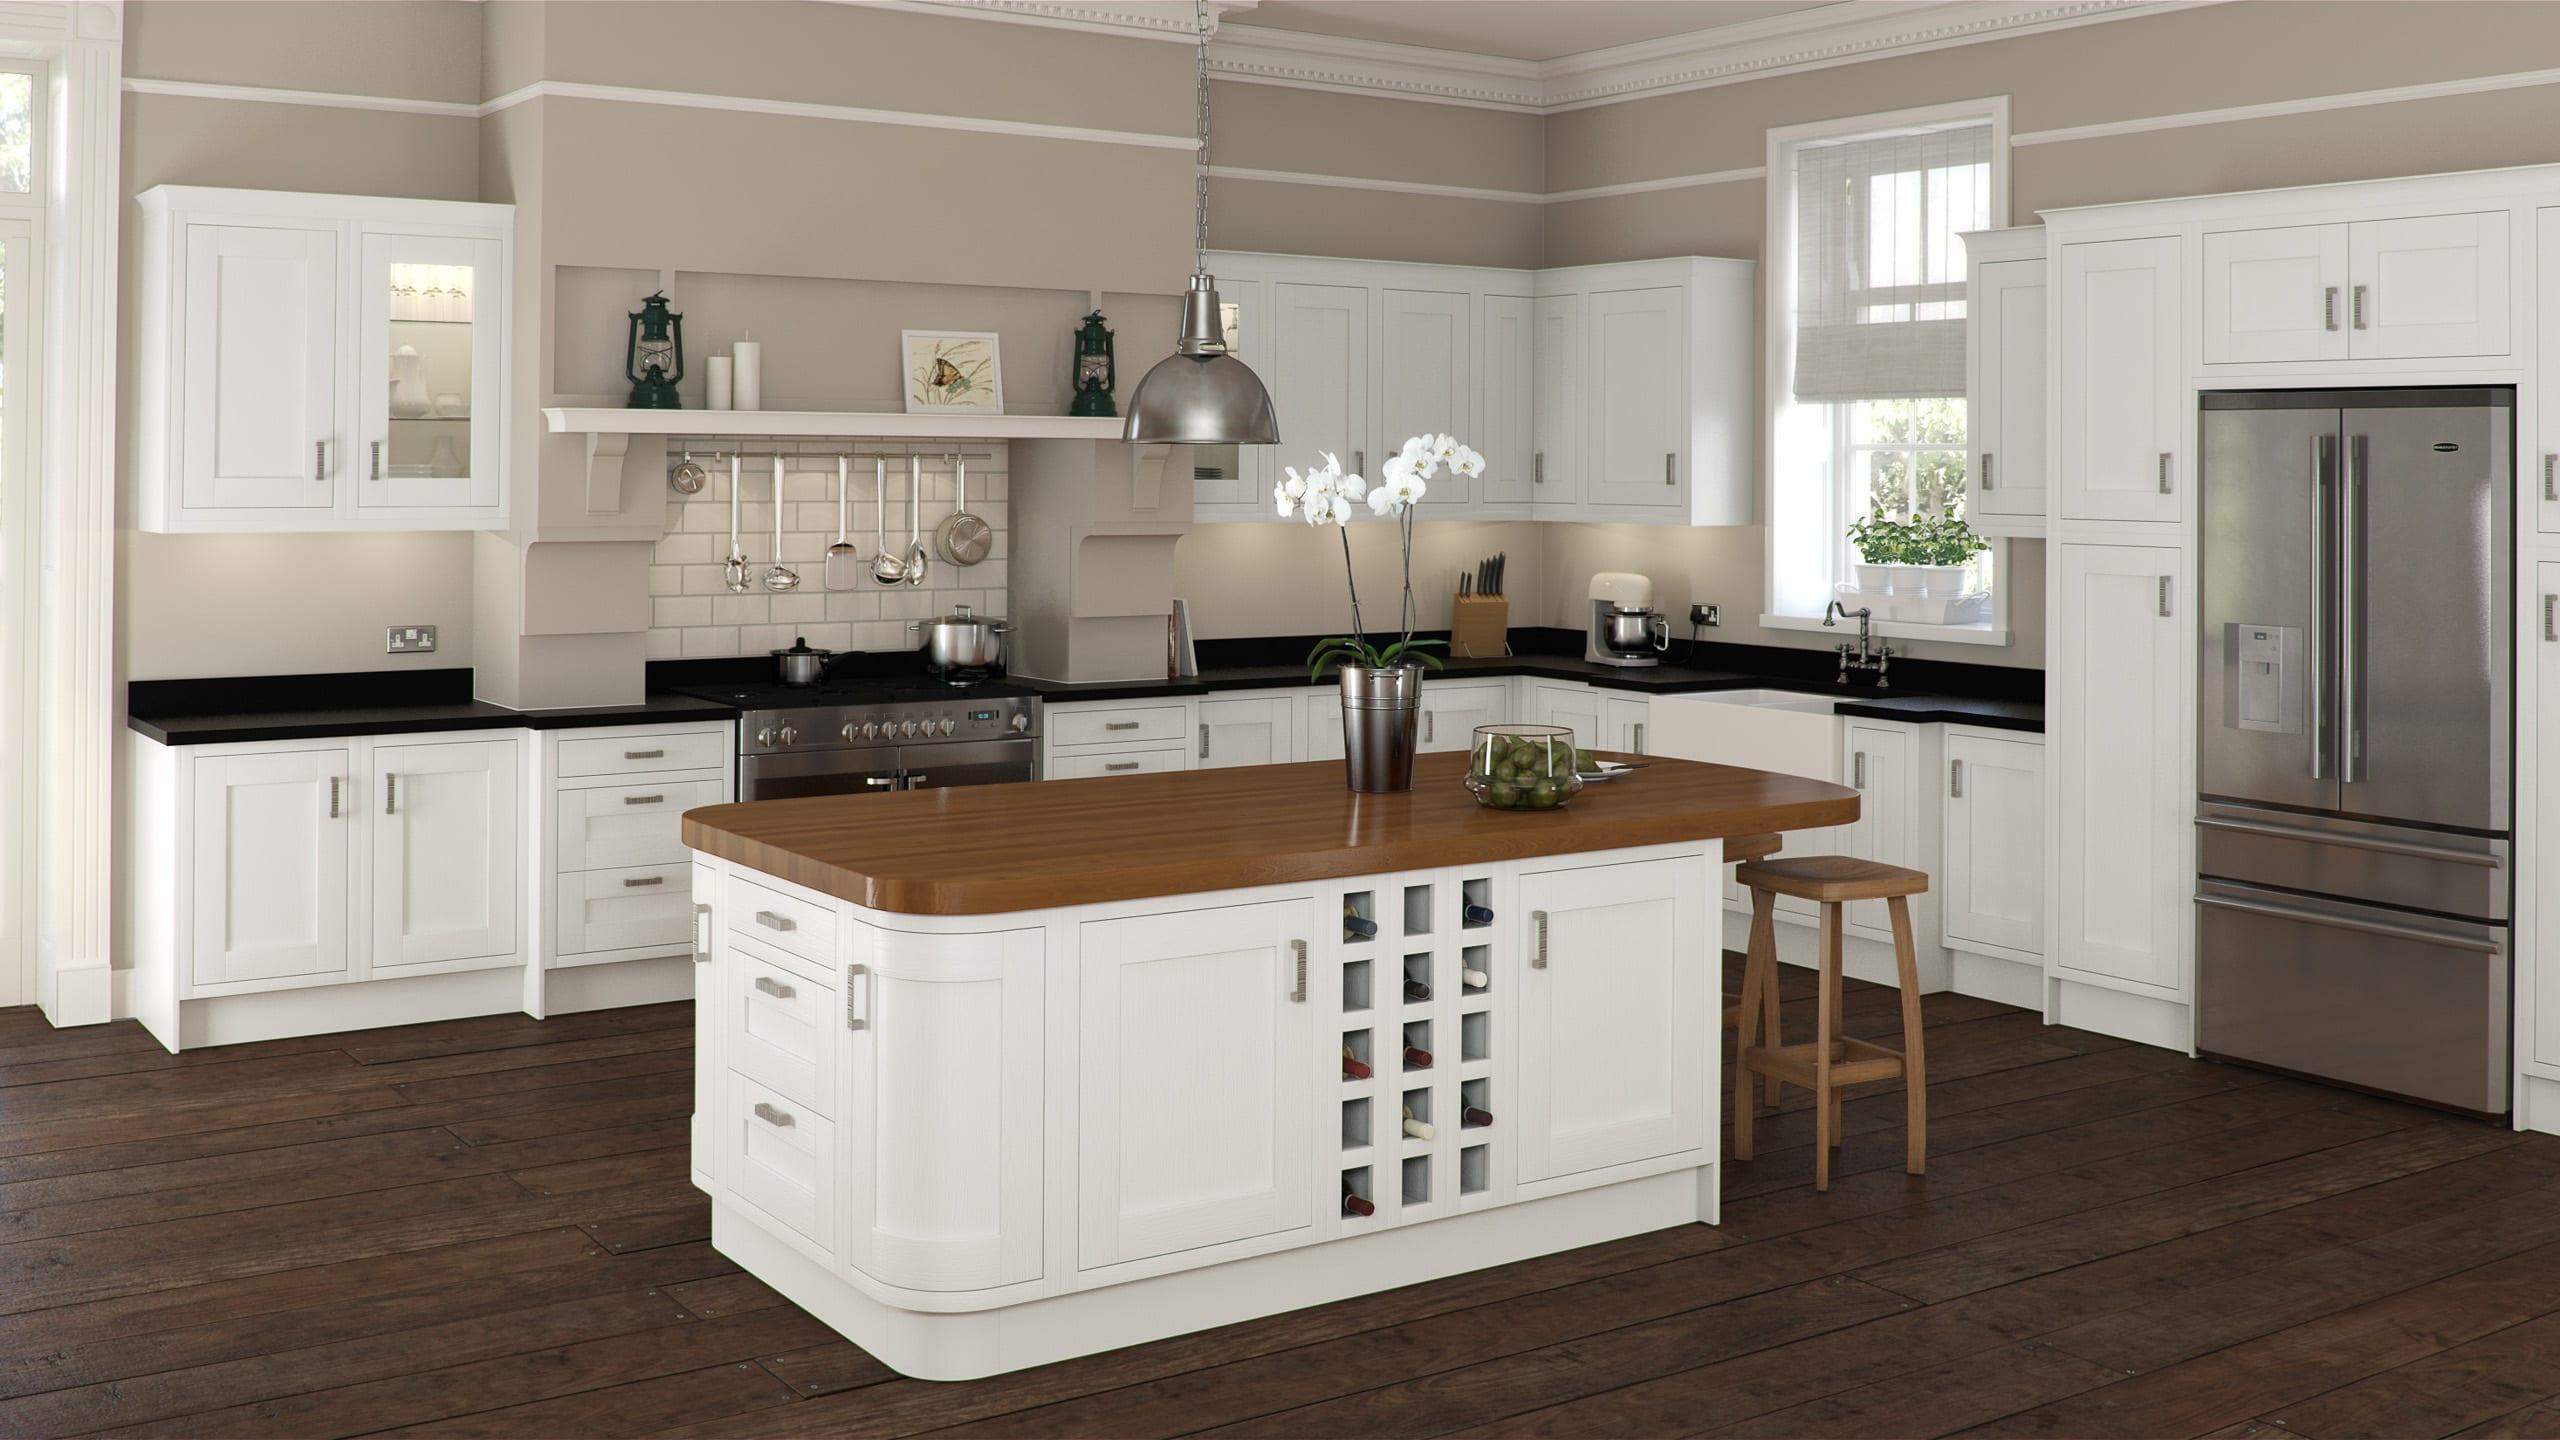 Ivory Foil In Frame - kitchen